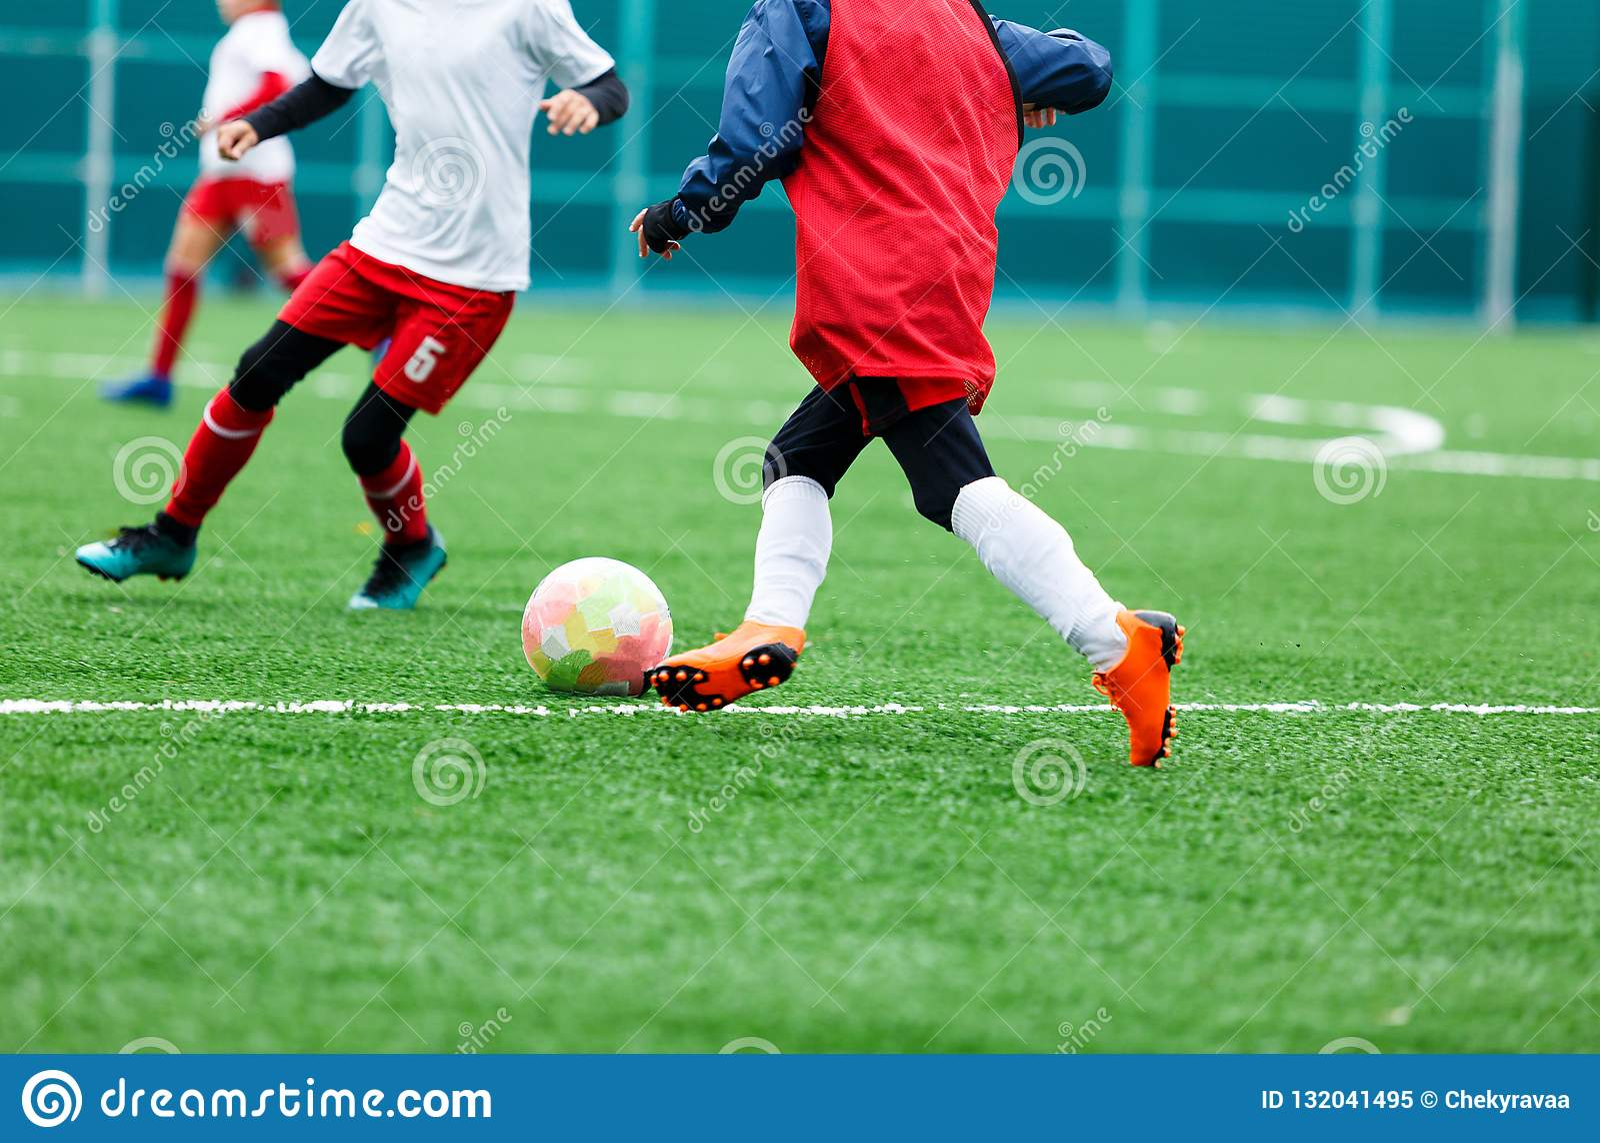 Chłopiec kopie piłki nożnej piłkę Chłopiec biega po piłki na zielonej trawie futbolista w białej i czerwonej koszula chłopiec dry